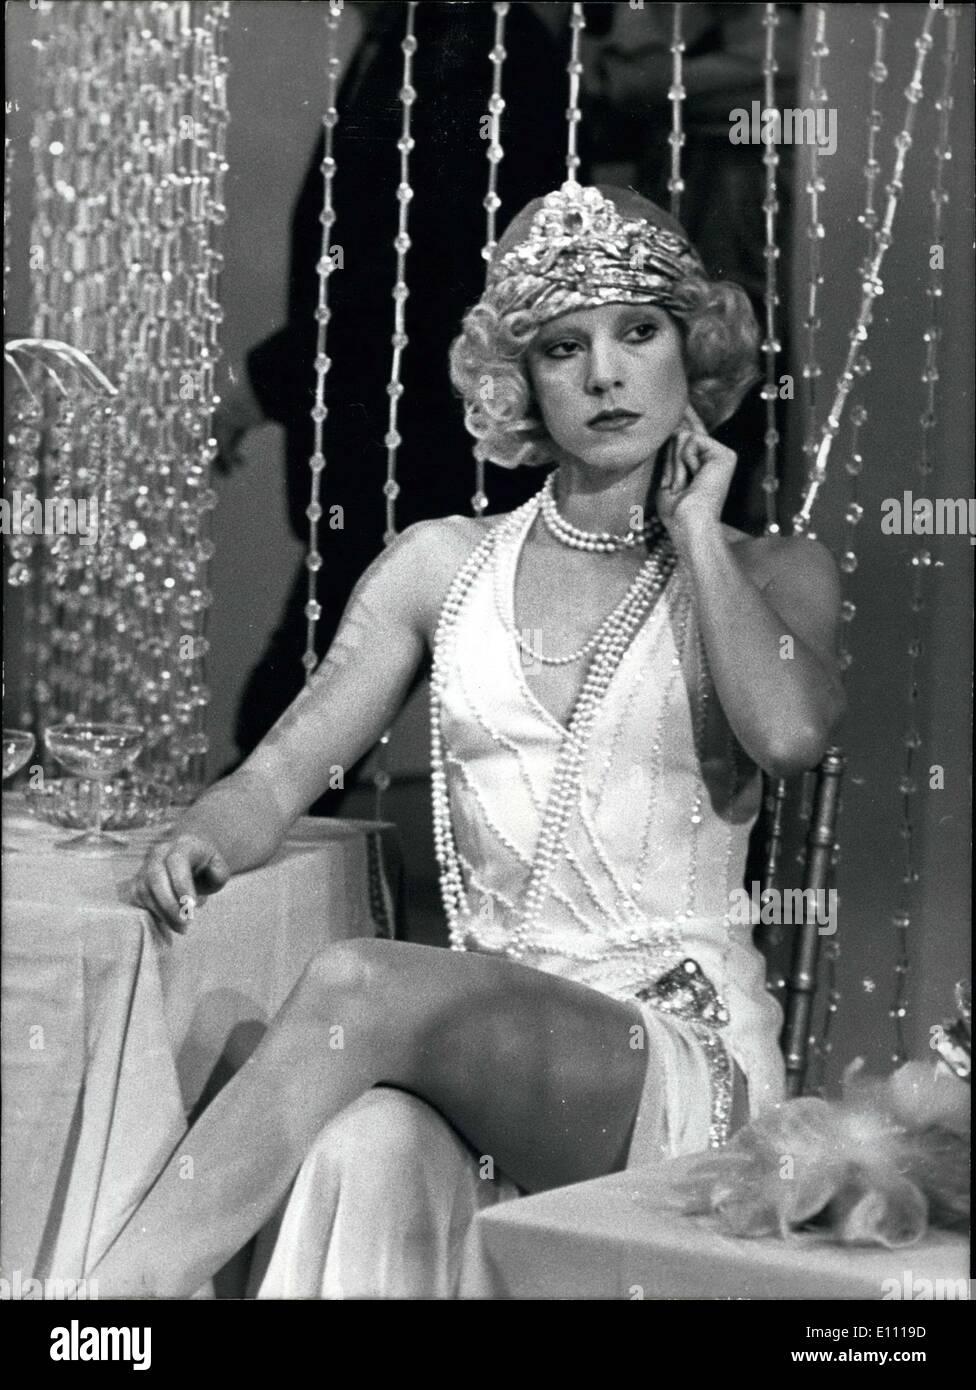 El 11 de marzo, 1975 - Sylvie Vartan Films Retro Show televisivo Imagen De Stock